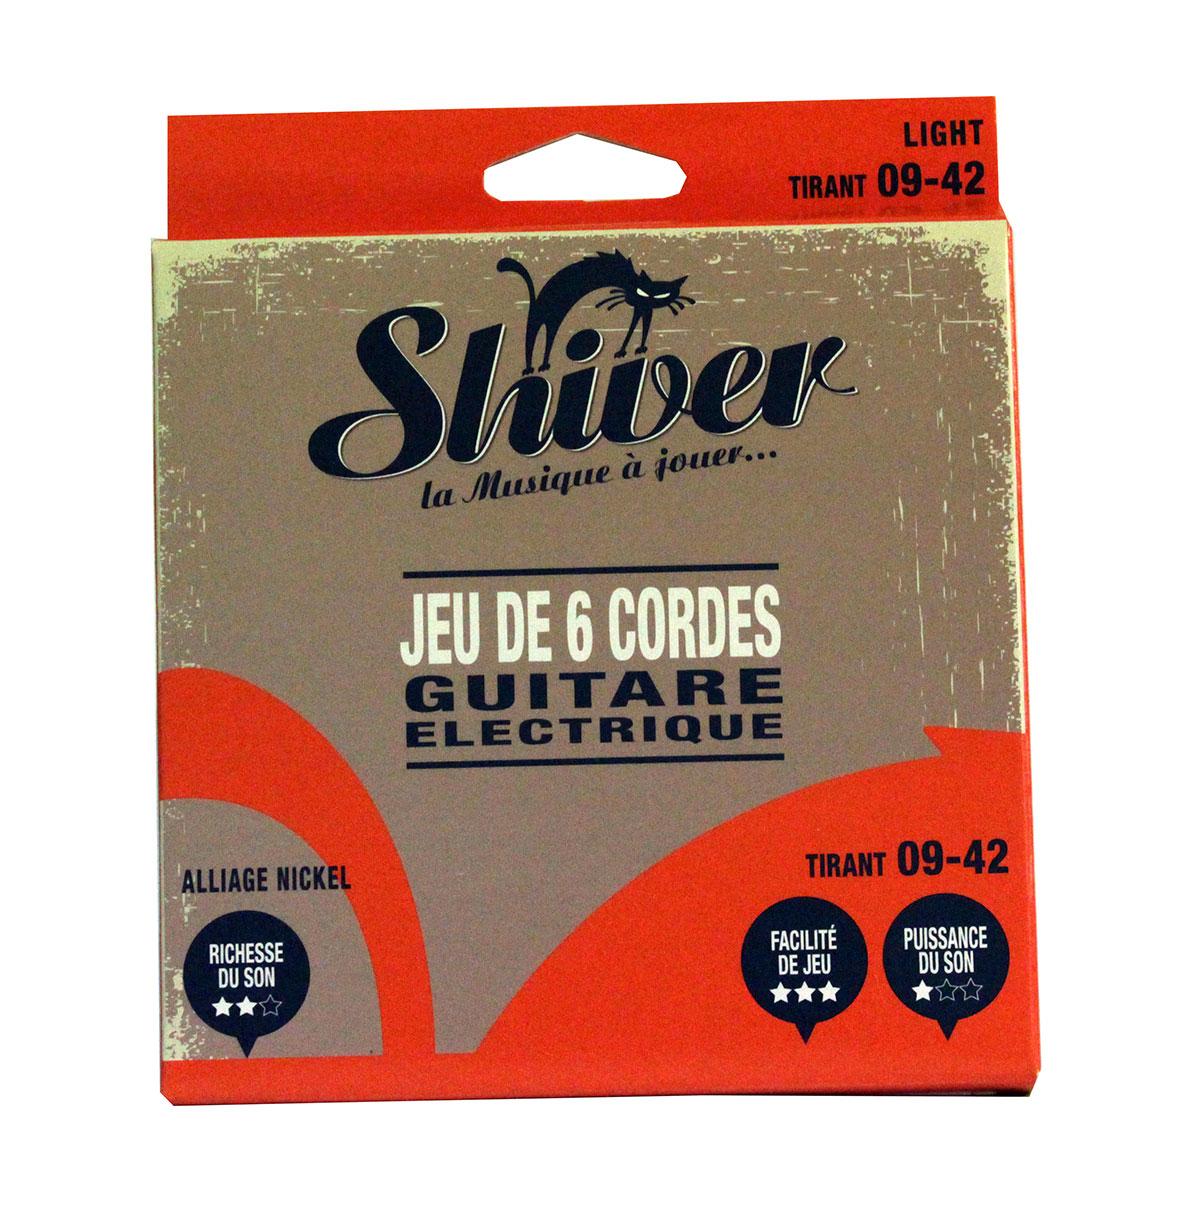 Shiver - Jeu 6 cordes guitare électrique 09-42 basic